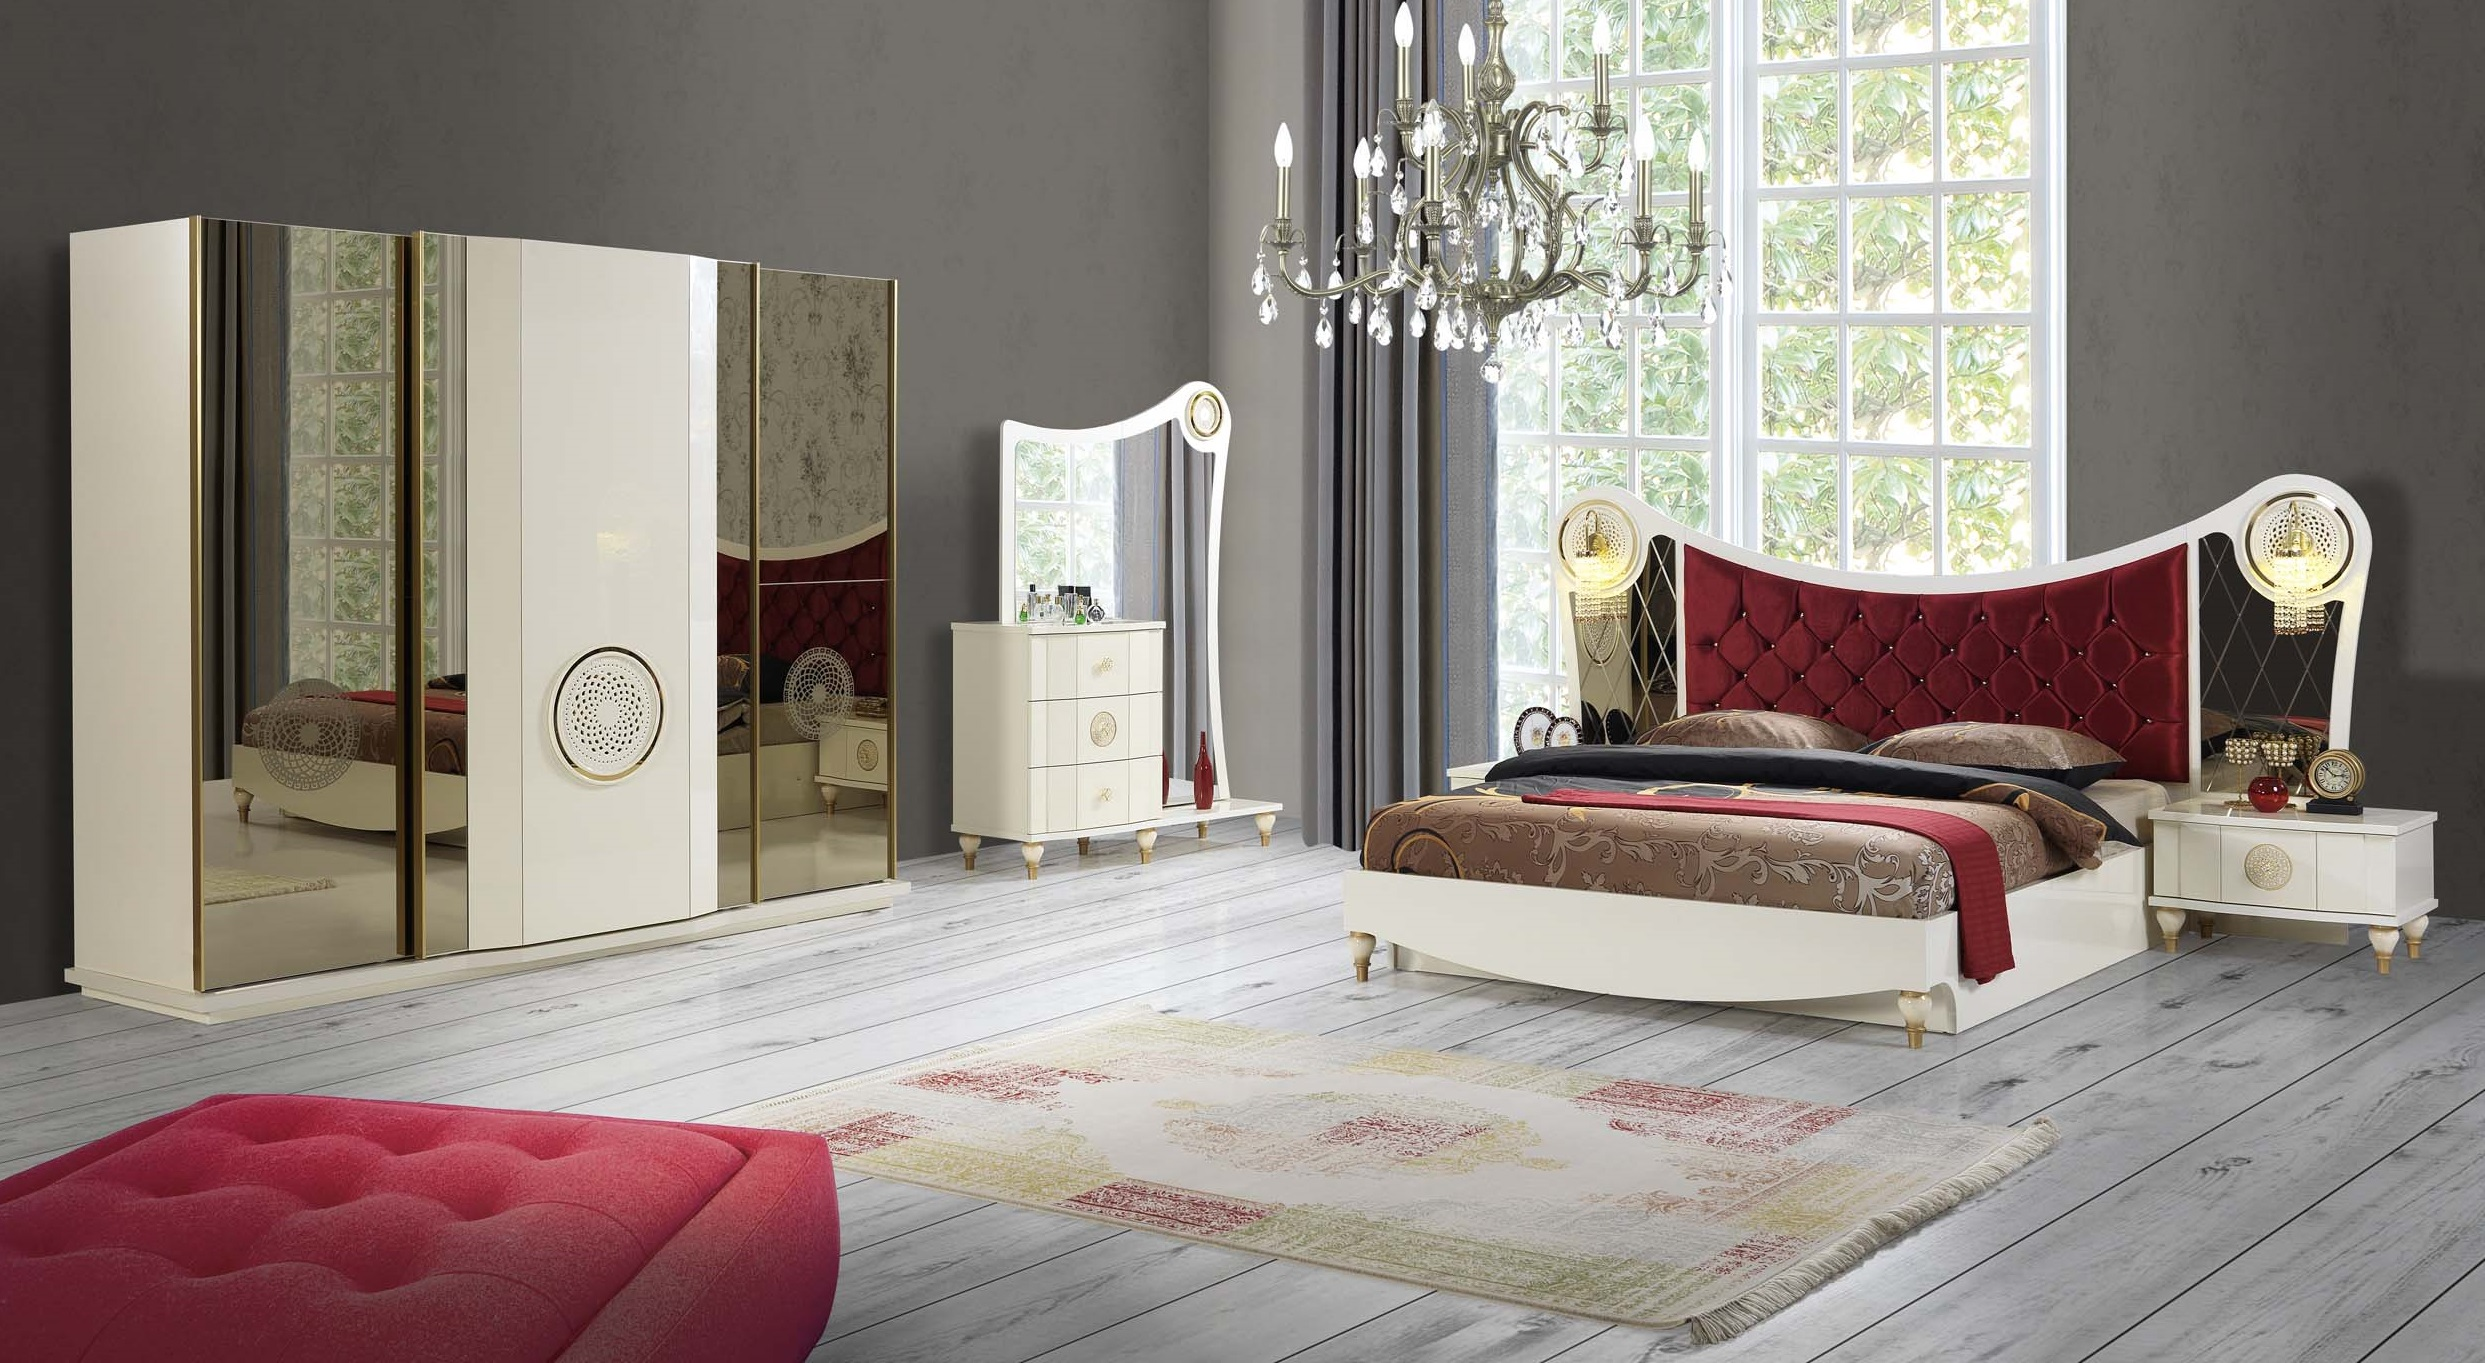 golden schlafzimmer yuvam m belhaus in wuppertal cilek offizieller h ndler in europa. Black Bedroom Furniture Sets. Home Design Ideas